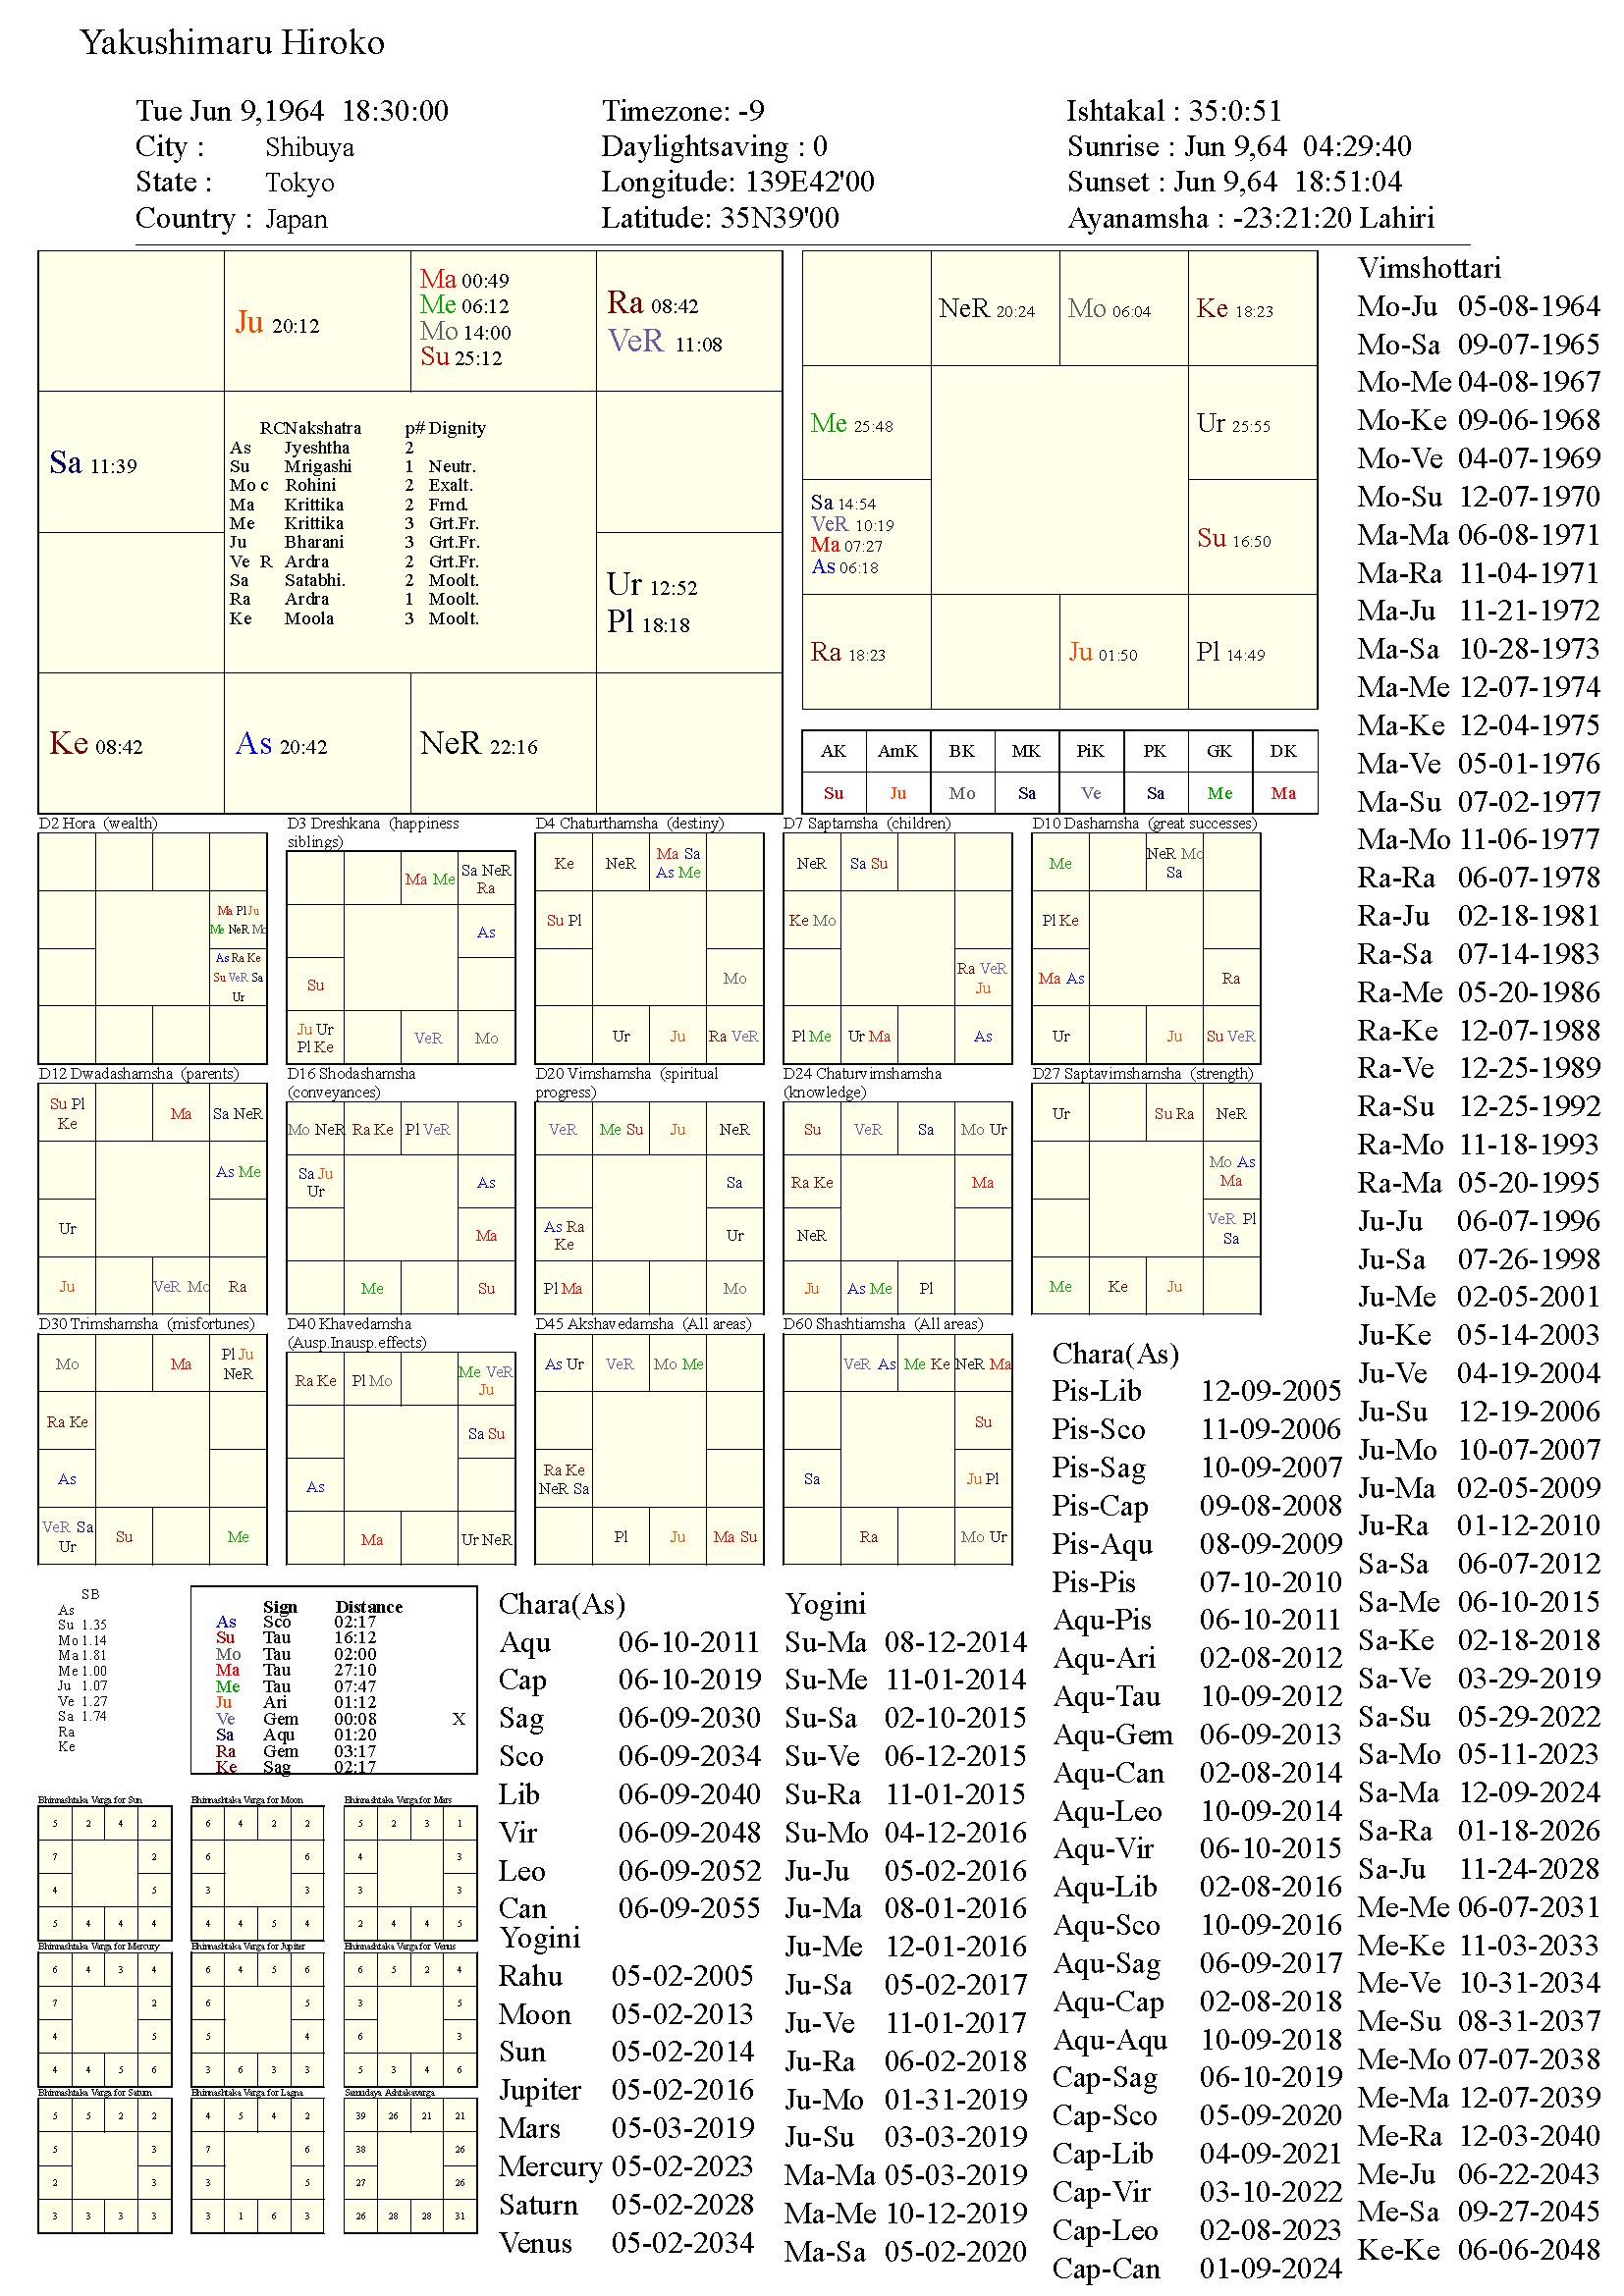 yakushimaruhiroko_chart